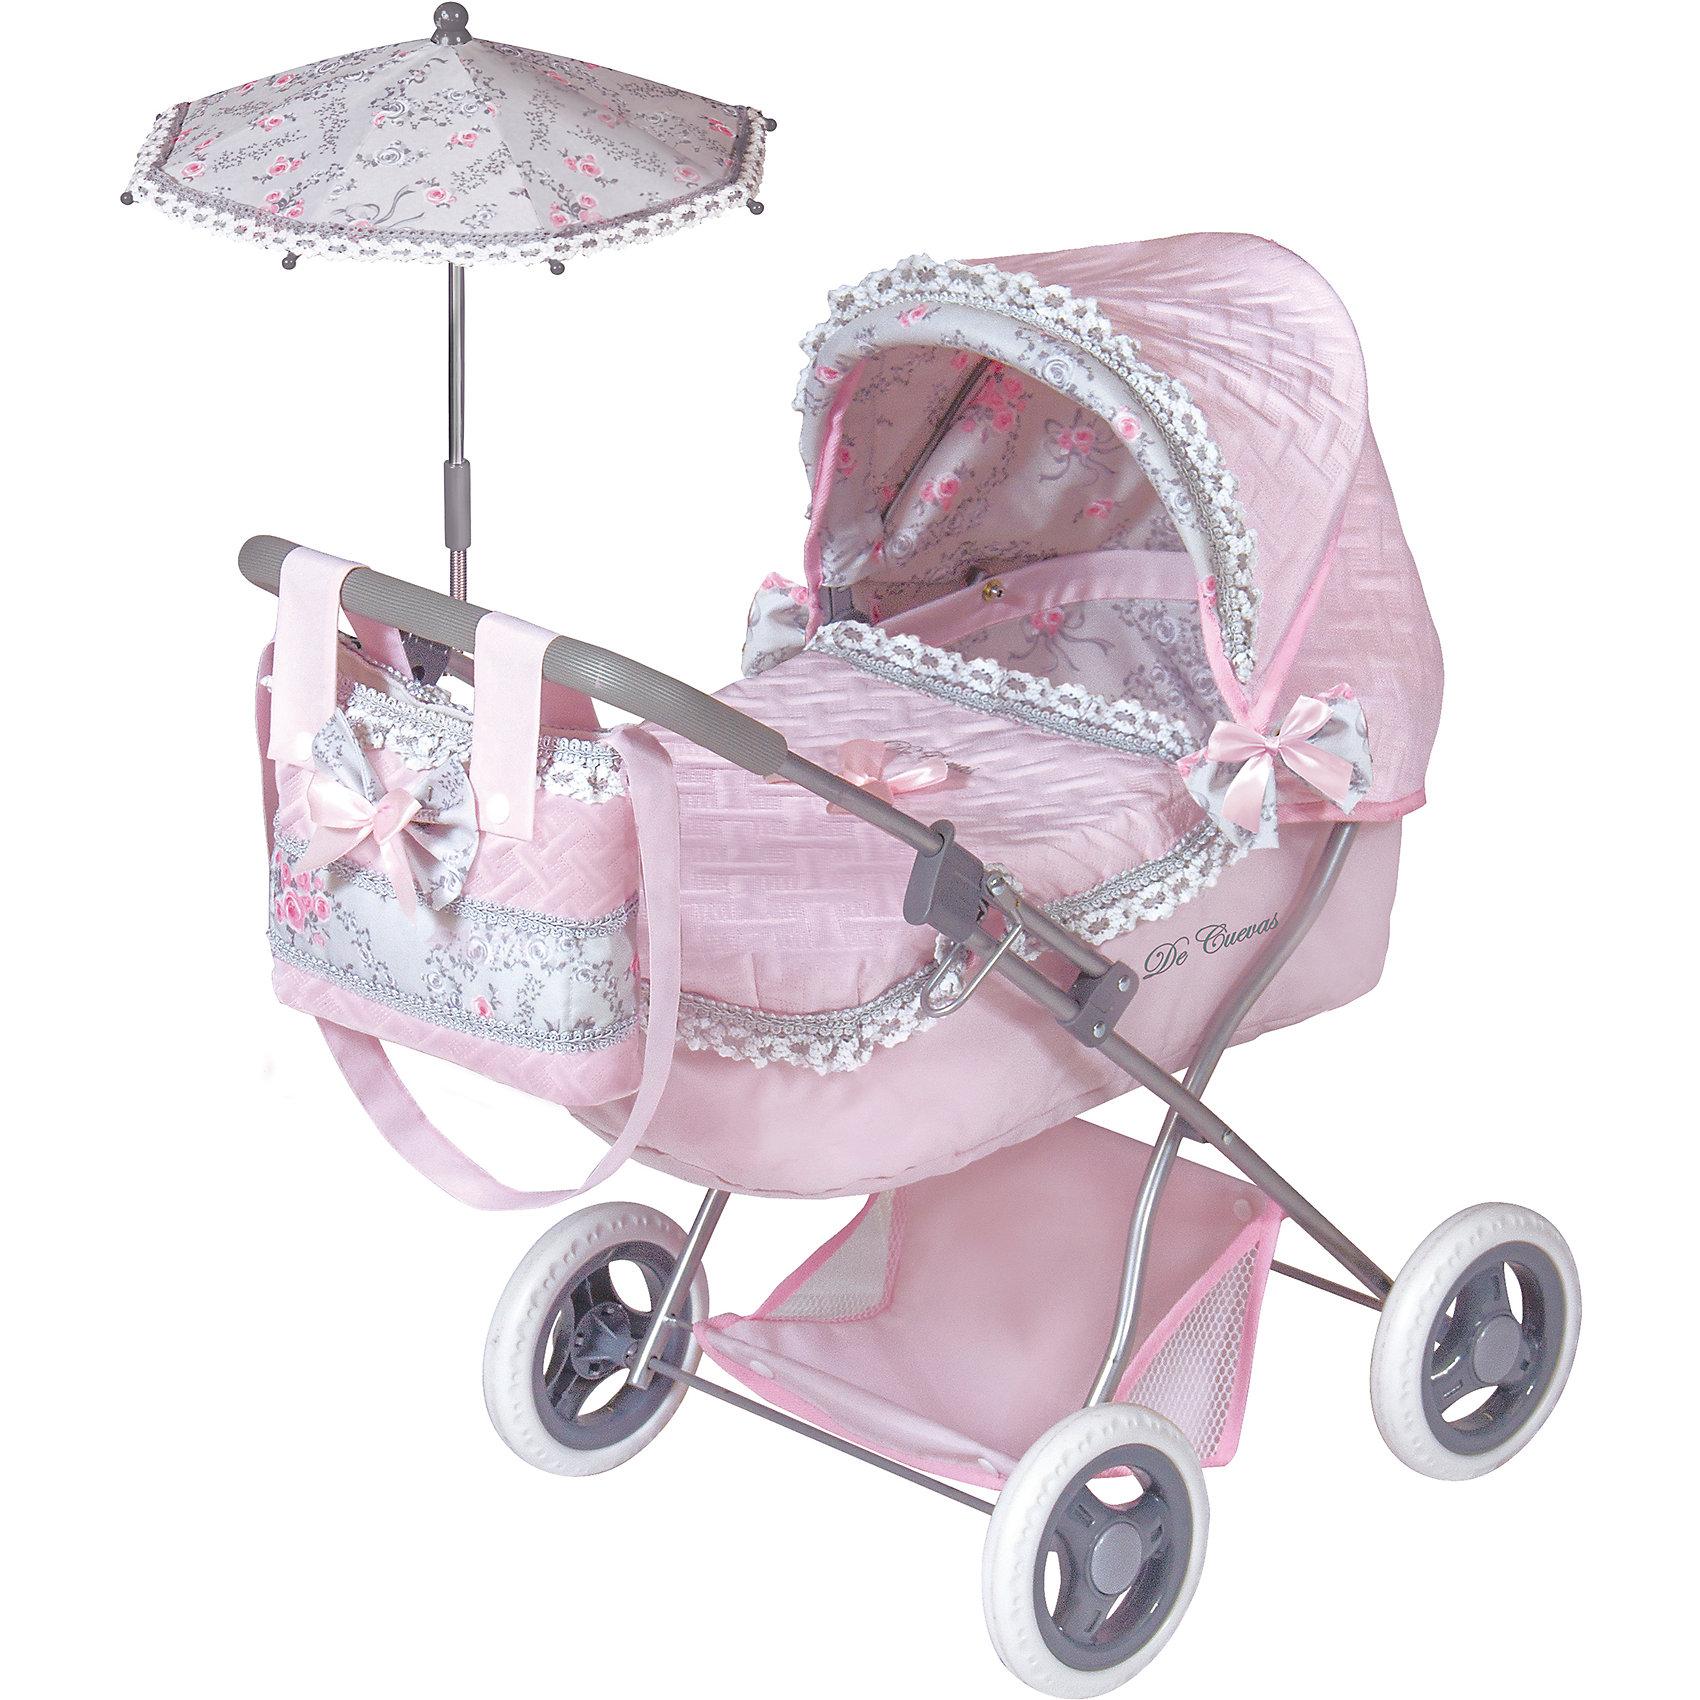 Коляска с сумкой и зонтиком Романтик, розовая, 65 см, DeCuevasКоляски и транспорт для кукол<br>Коляска для кукол классическая люлька-качалка. Нежно-розового цвета с бантиками и рюшками, сумочкой на ручку, зонтиком и подушкой. У коляски прорезиненные колеса, металлический каркас, удобная сетка внизу для вещей<br><br>Ширина мм: 380<br>Глубина мм: 600<br>Высота мм: 650<br>Вес г: 2863<br>Возраст от месяцев: 36<br>Возраст до месяцев: 2147483647<br>Пол: Женский<br>Возраст: Детский<br>SKU: 6876434